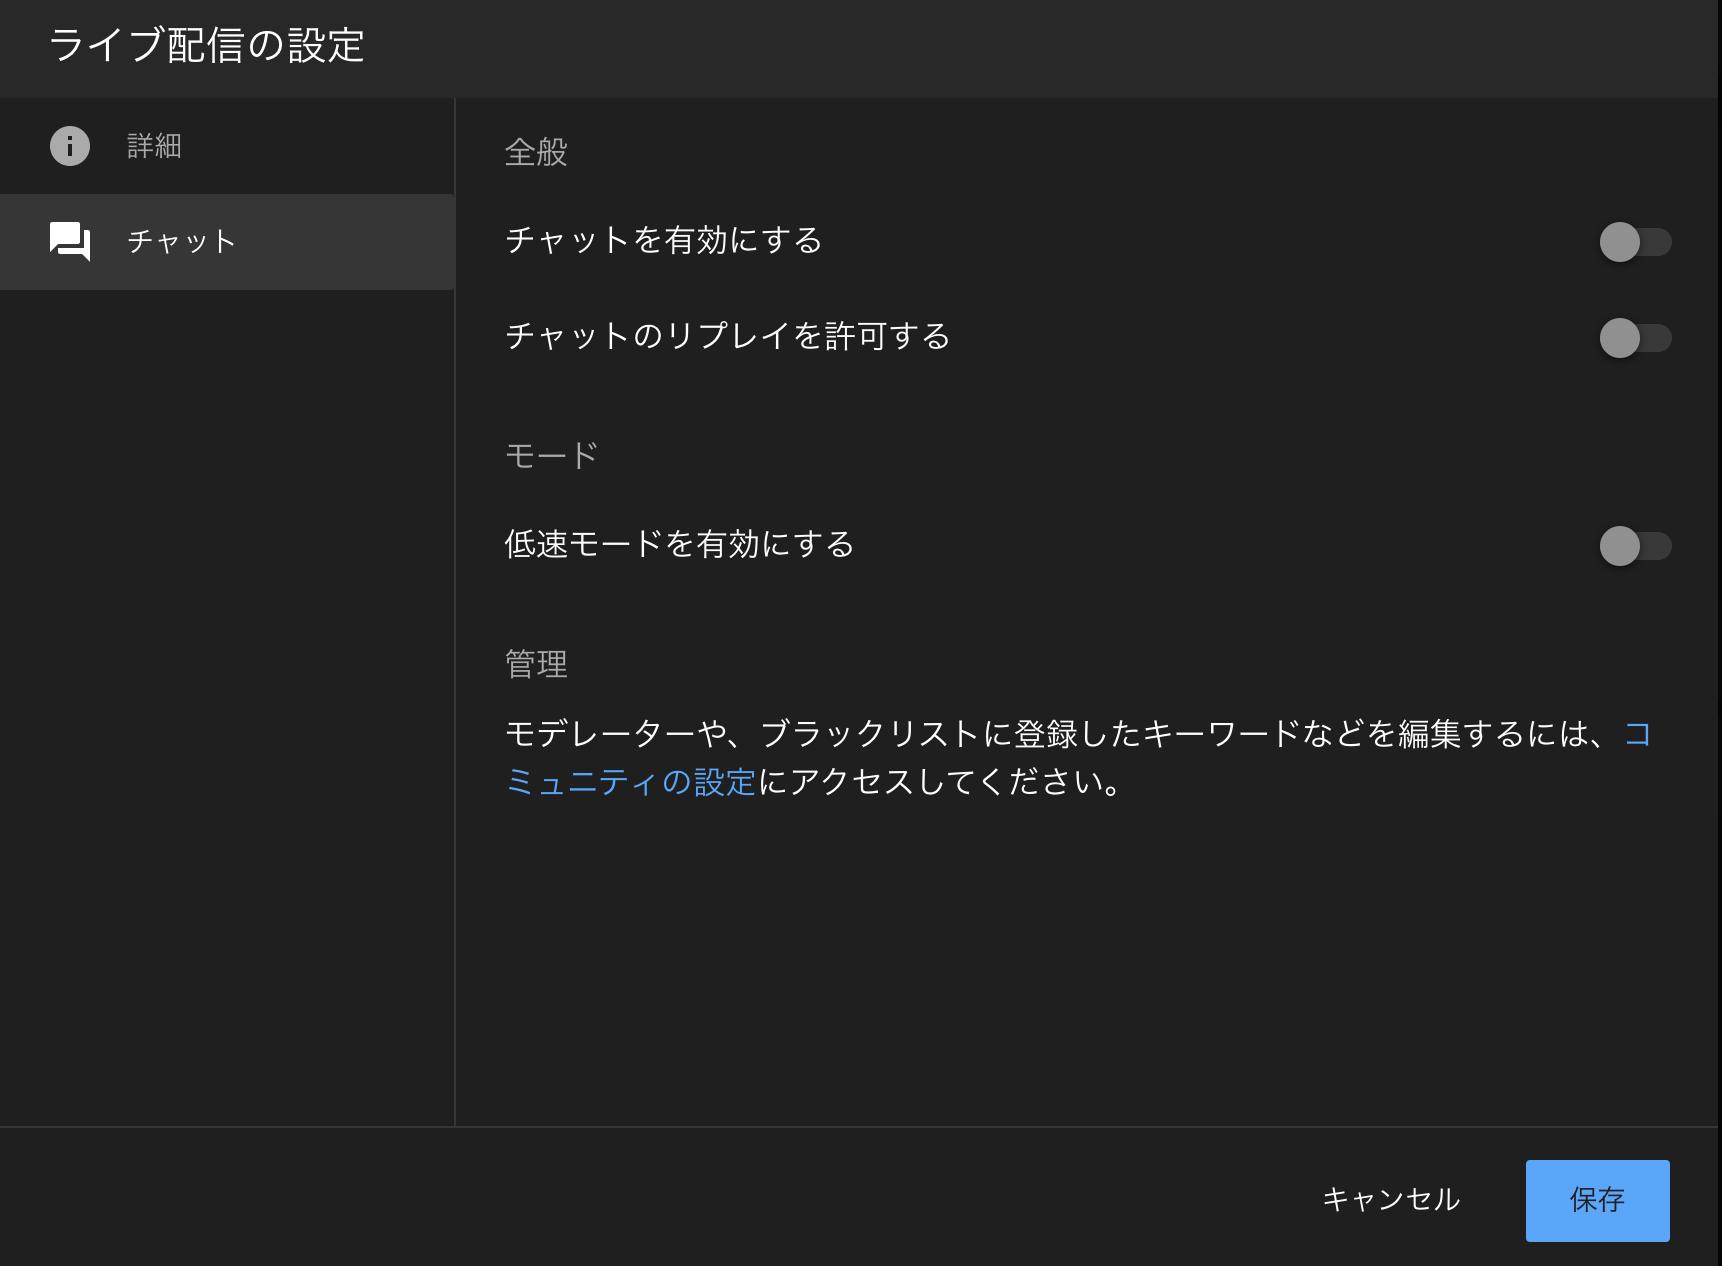 スクリーンショット 2020-03-01 13.03.16.png